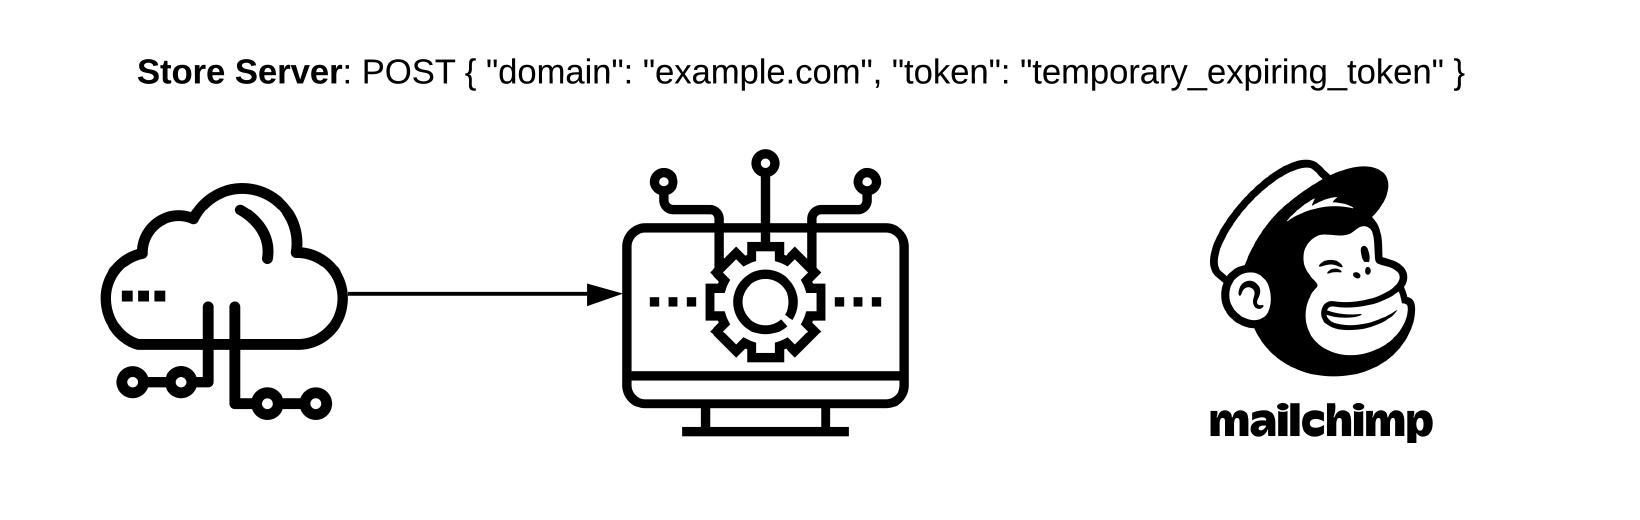 """Store Server: POST { """"domain"""": """"example.com"""", """"token"""": """"temporary_expiring_token"""" }"""